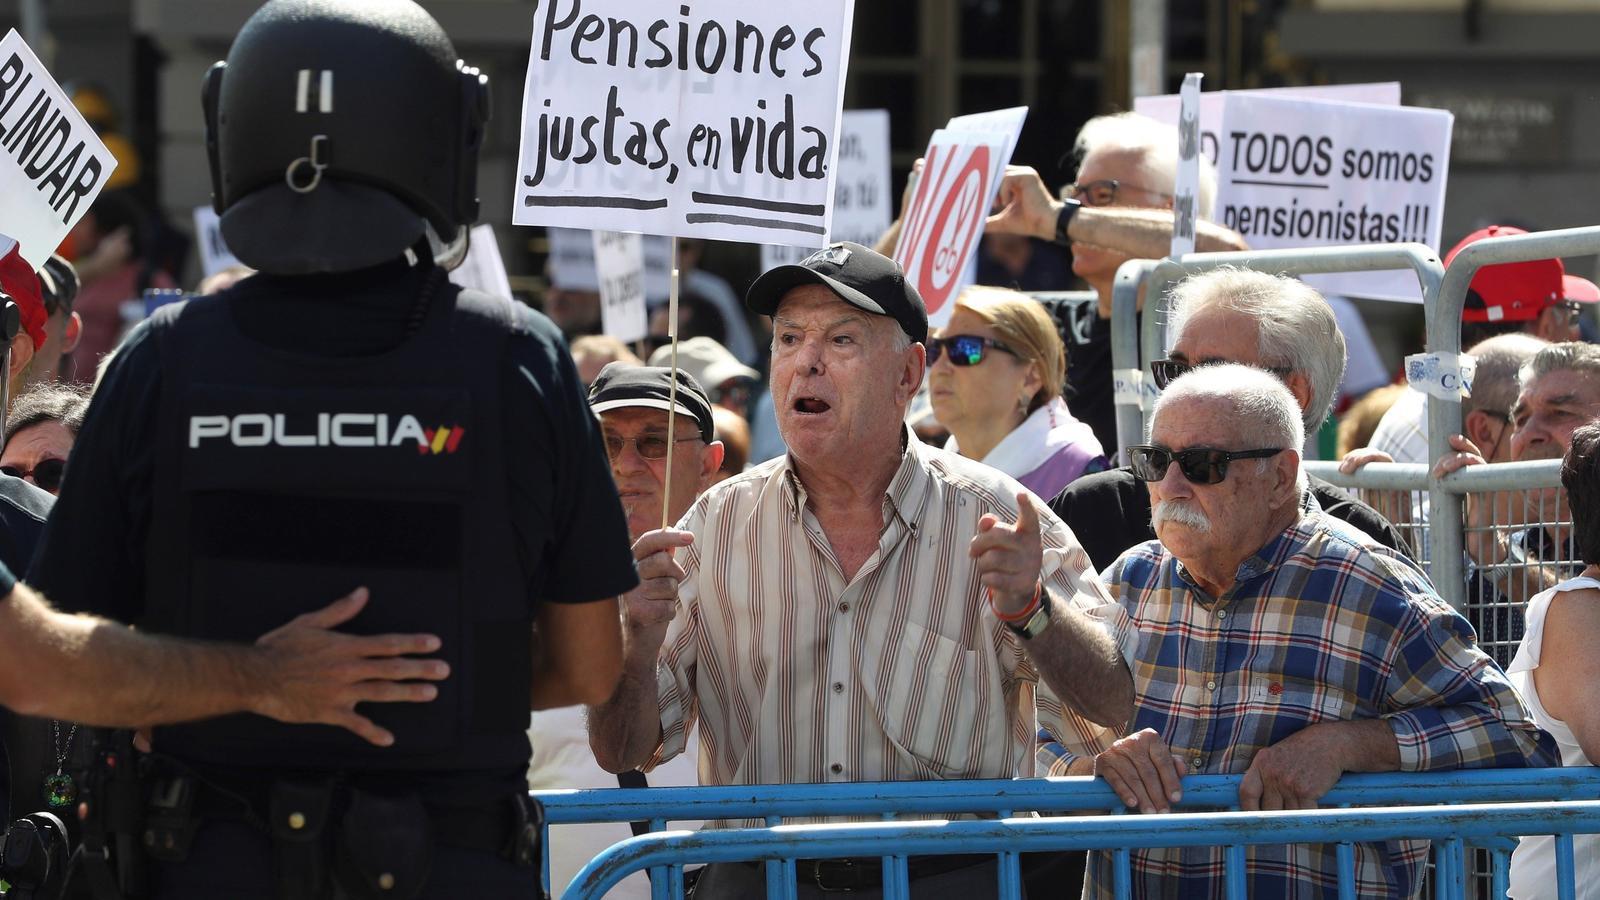 Imatges dels pensionistes rodejant el Congrés dimecres.